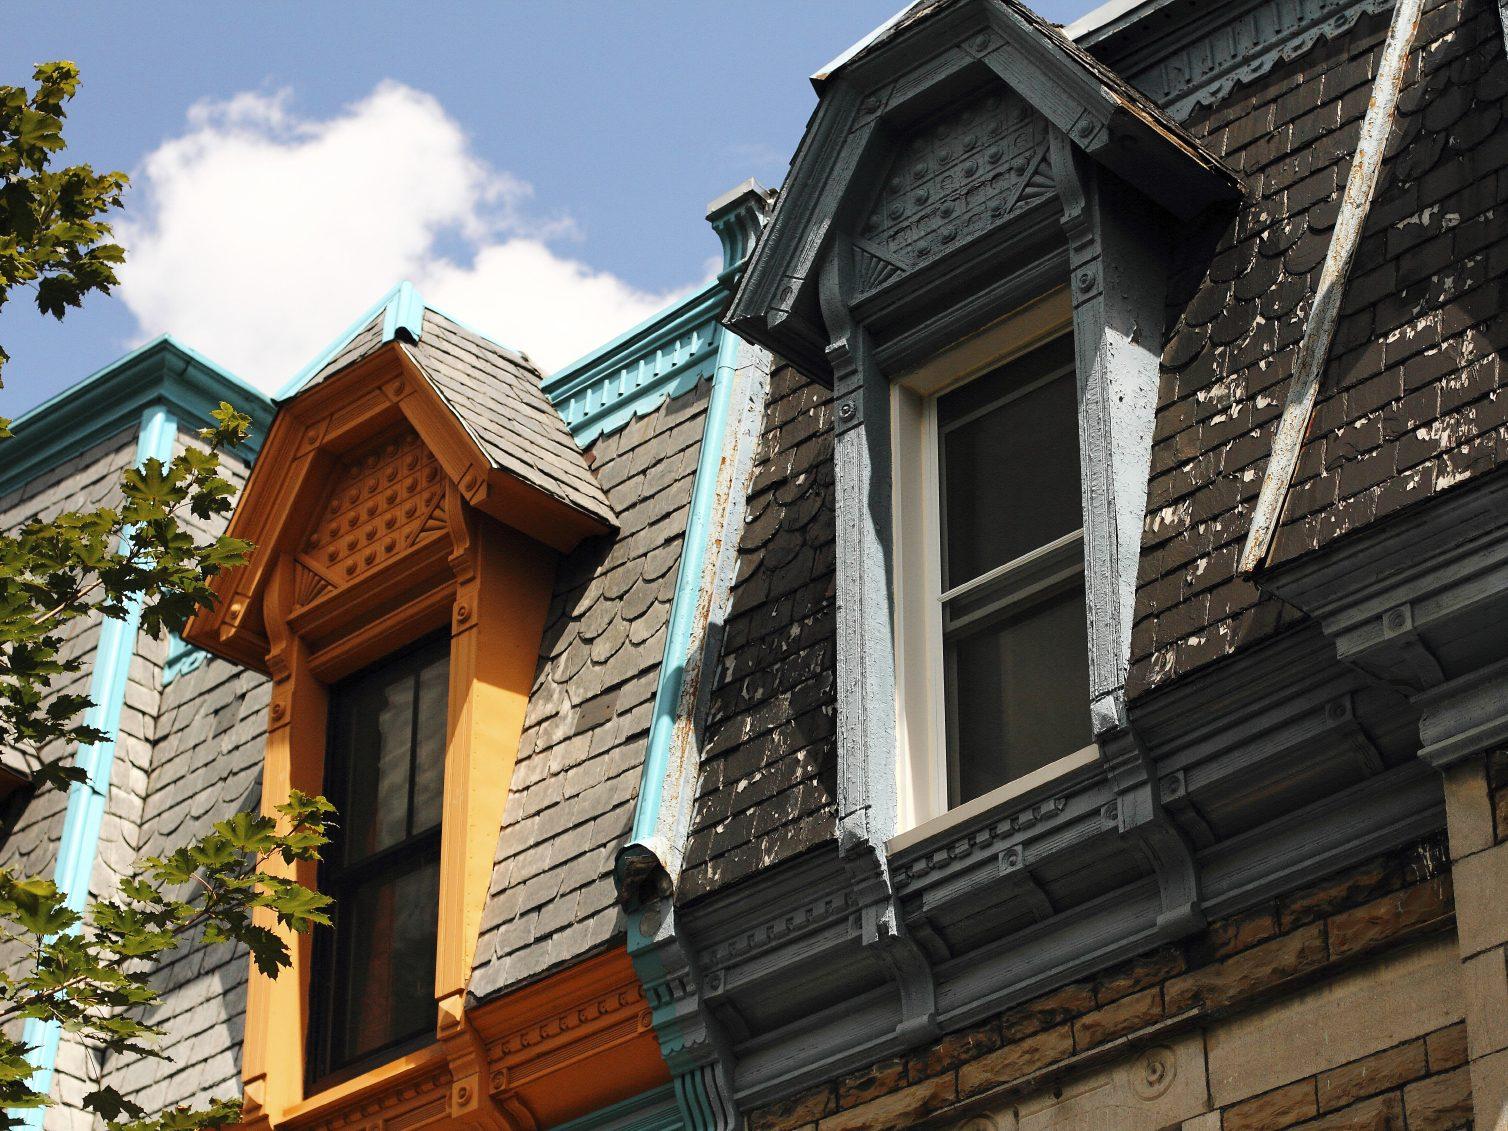 9. Montréal, Québec